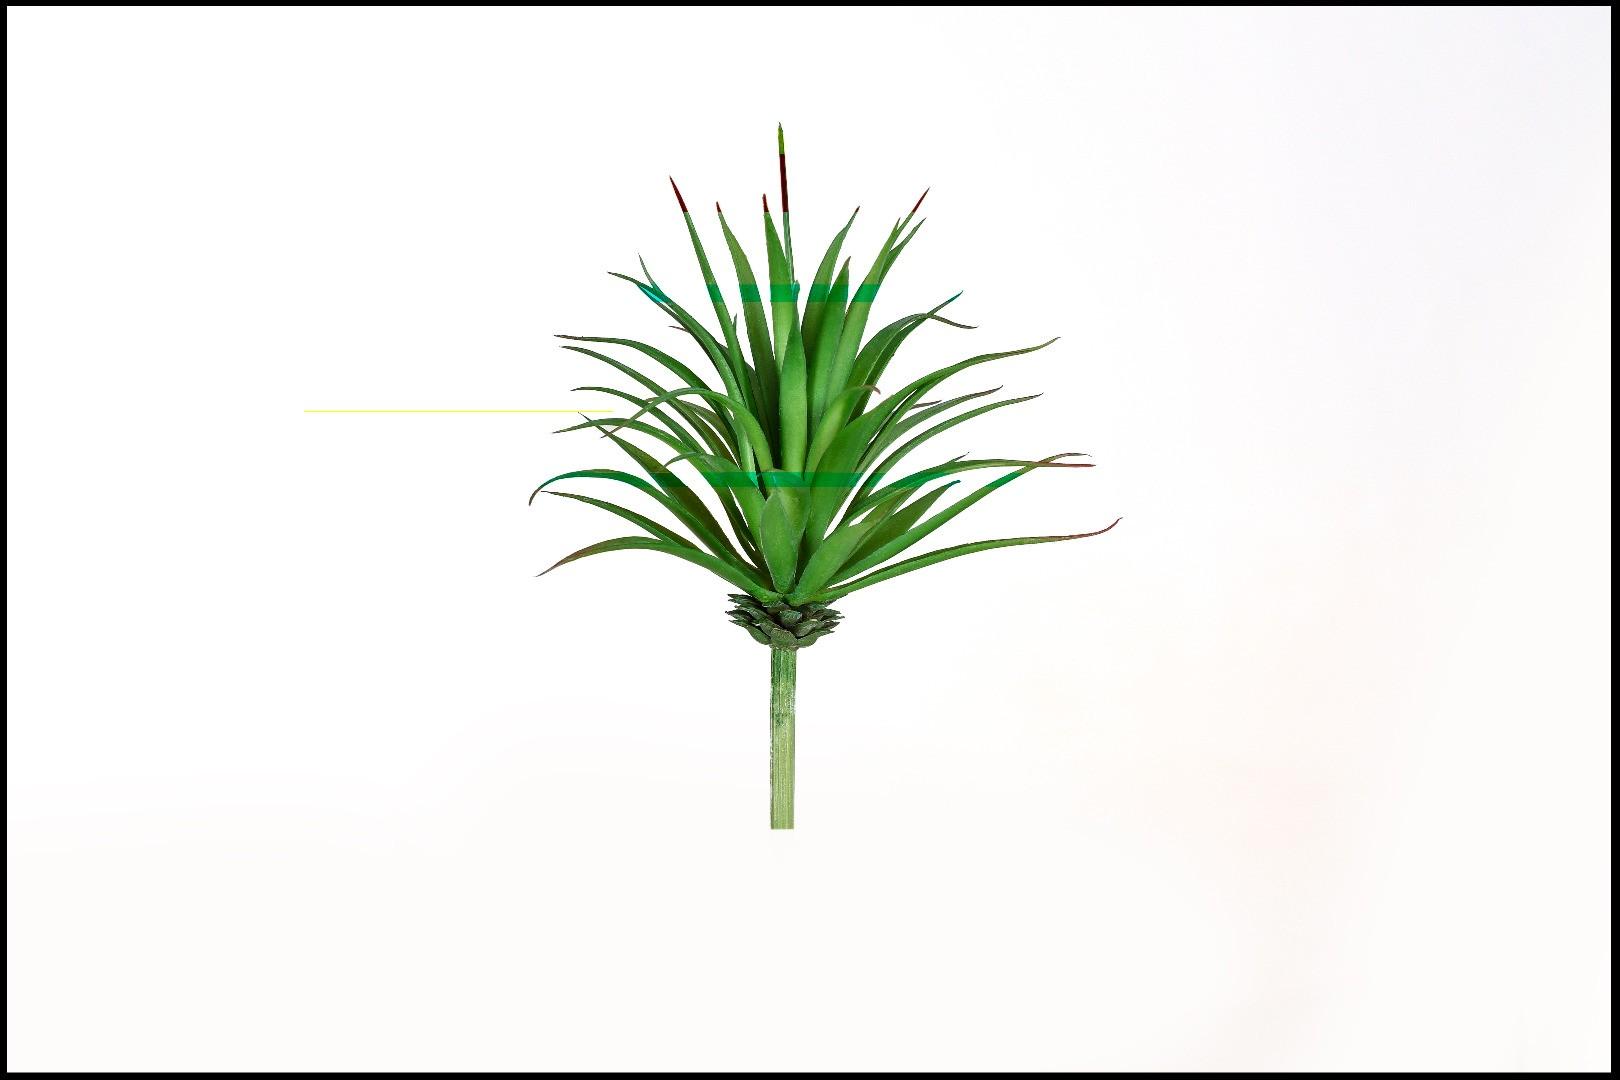 1738 - Cactus